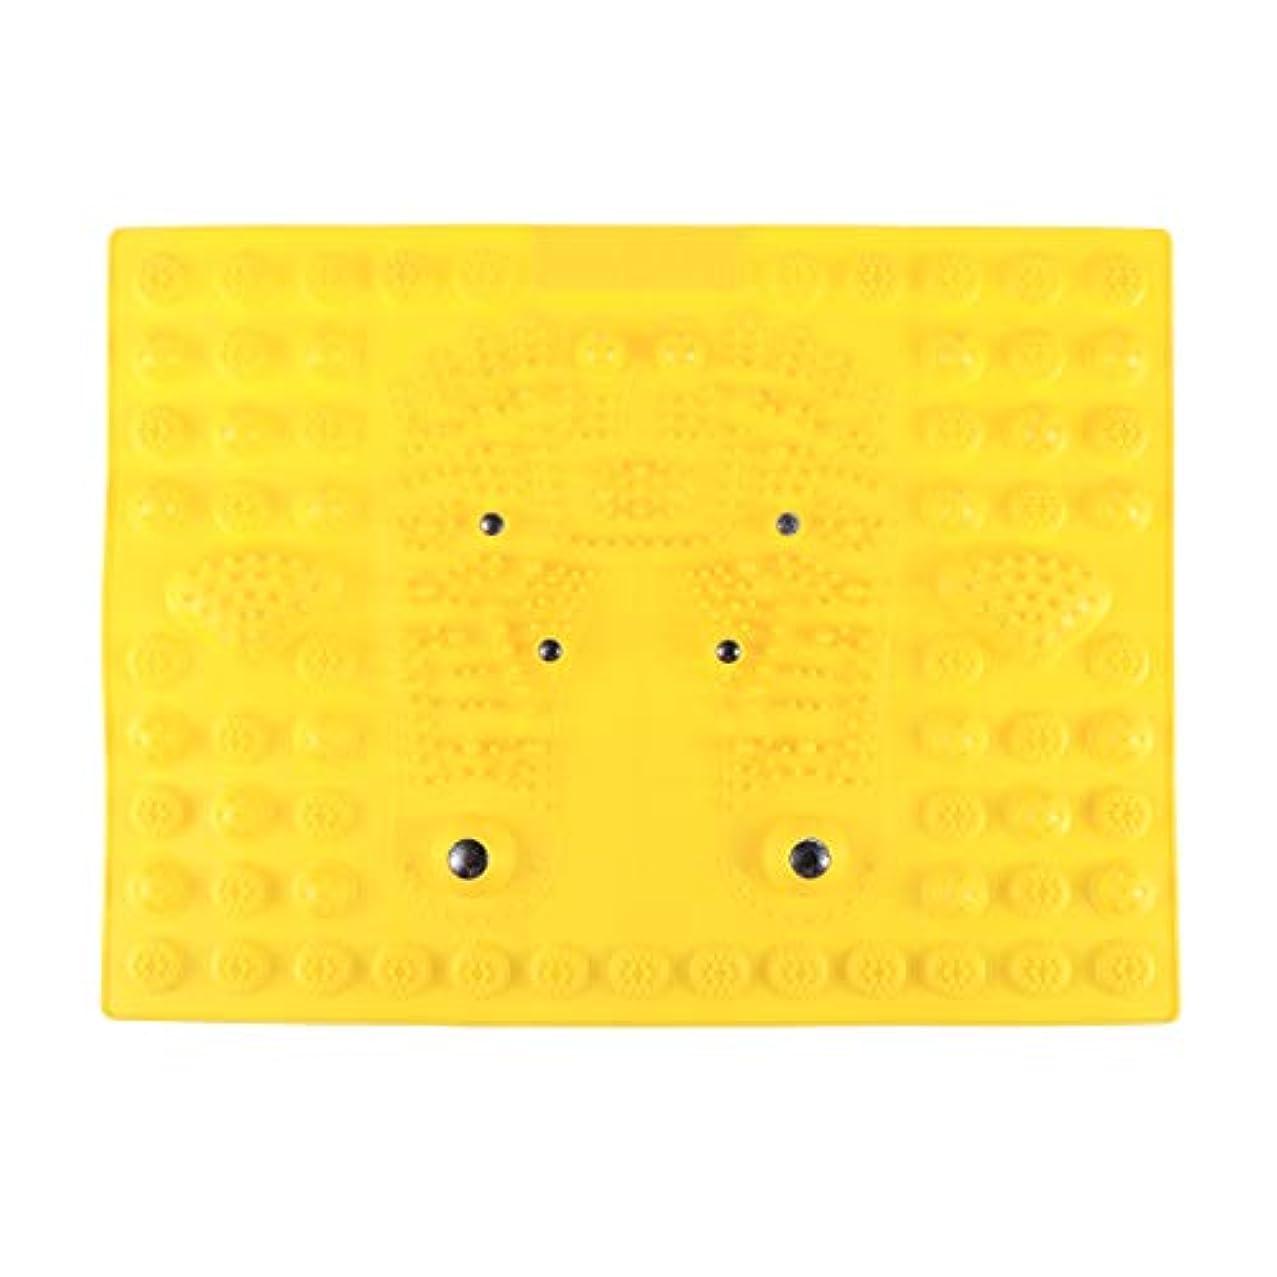 高架批判的にさておきSUPVOX フットマッサージマット指圧リラクゼーションリフレクソロジーマット磁気療法フィートマット(イエロー)